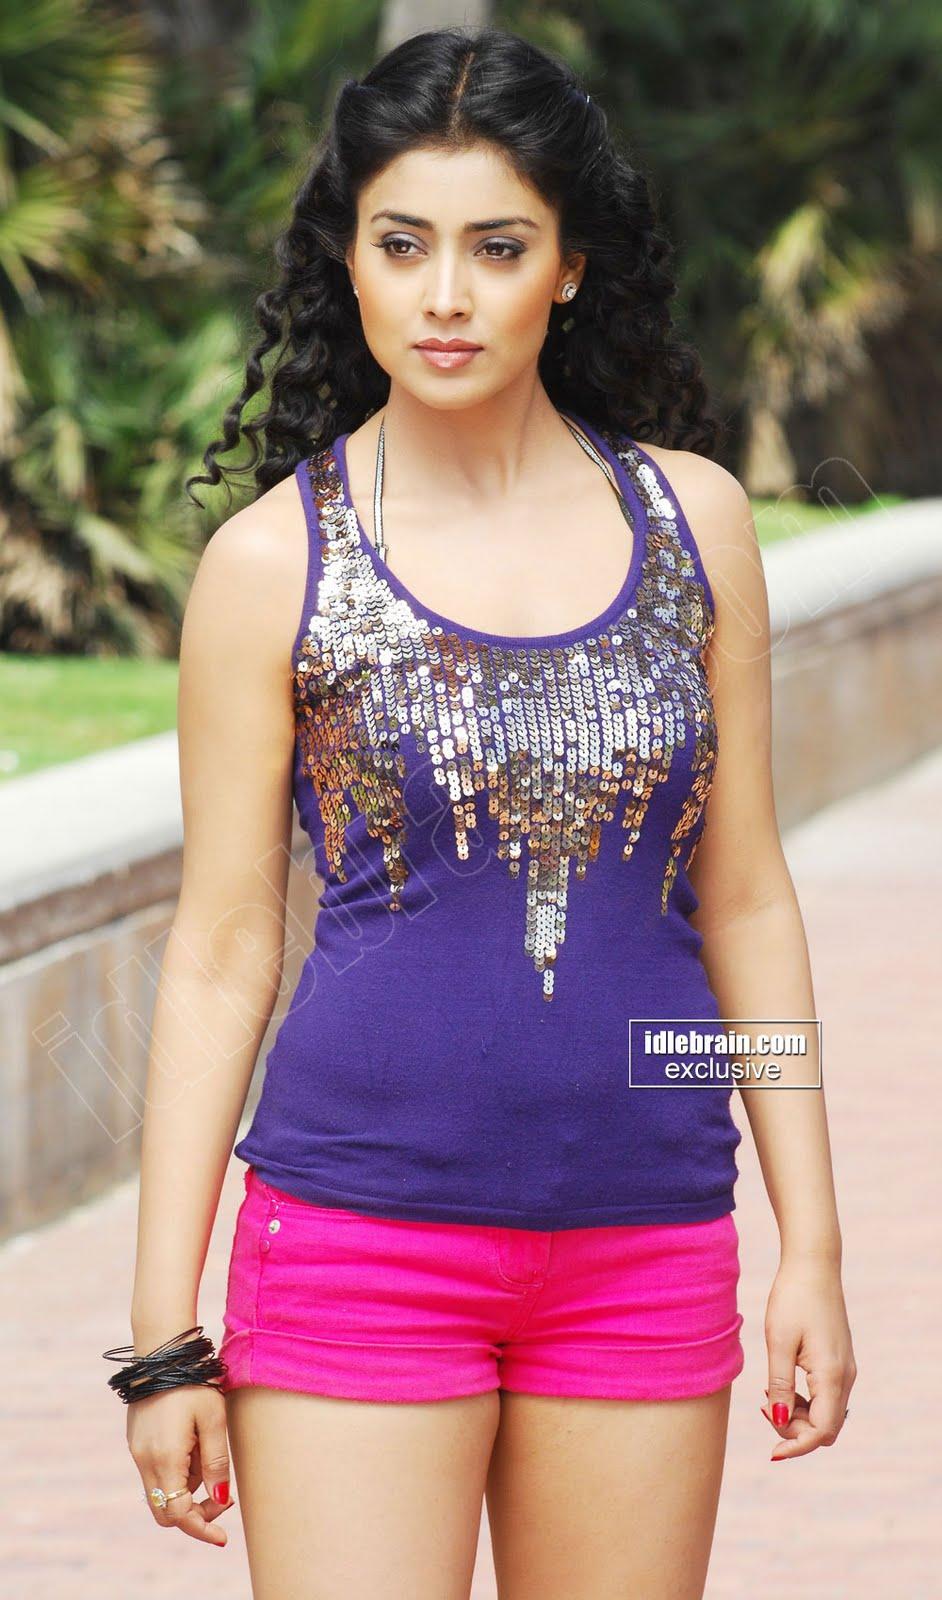 shriya saran new latest hot photo gallery   shriya saran hot photos